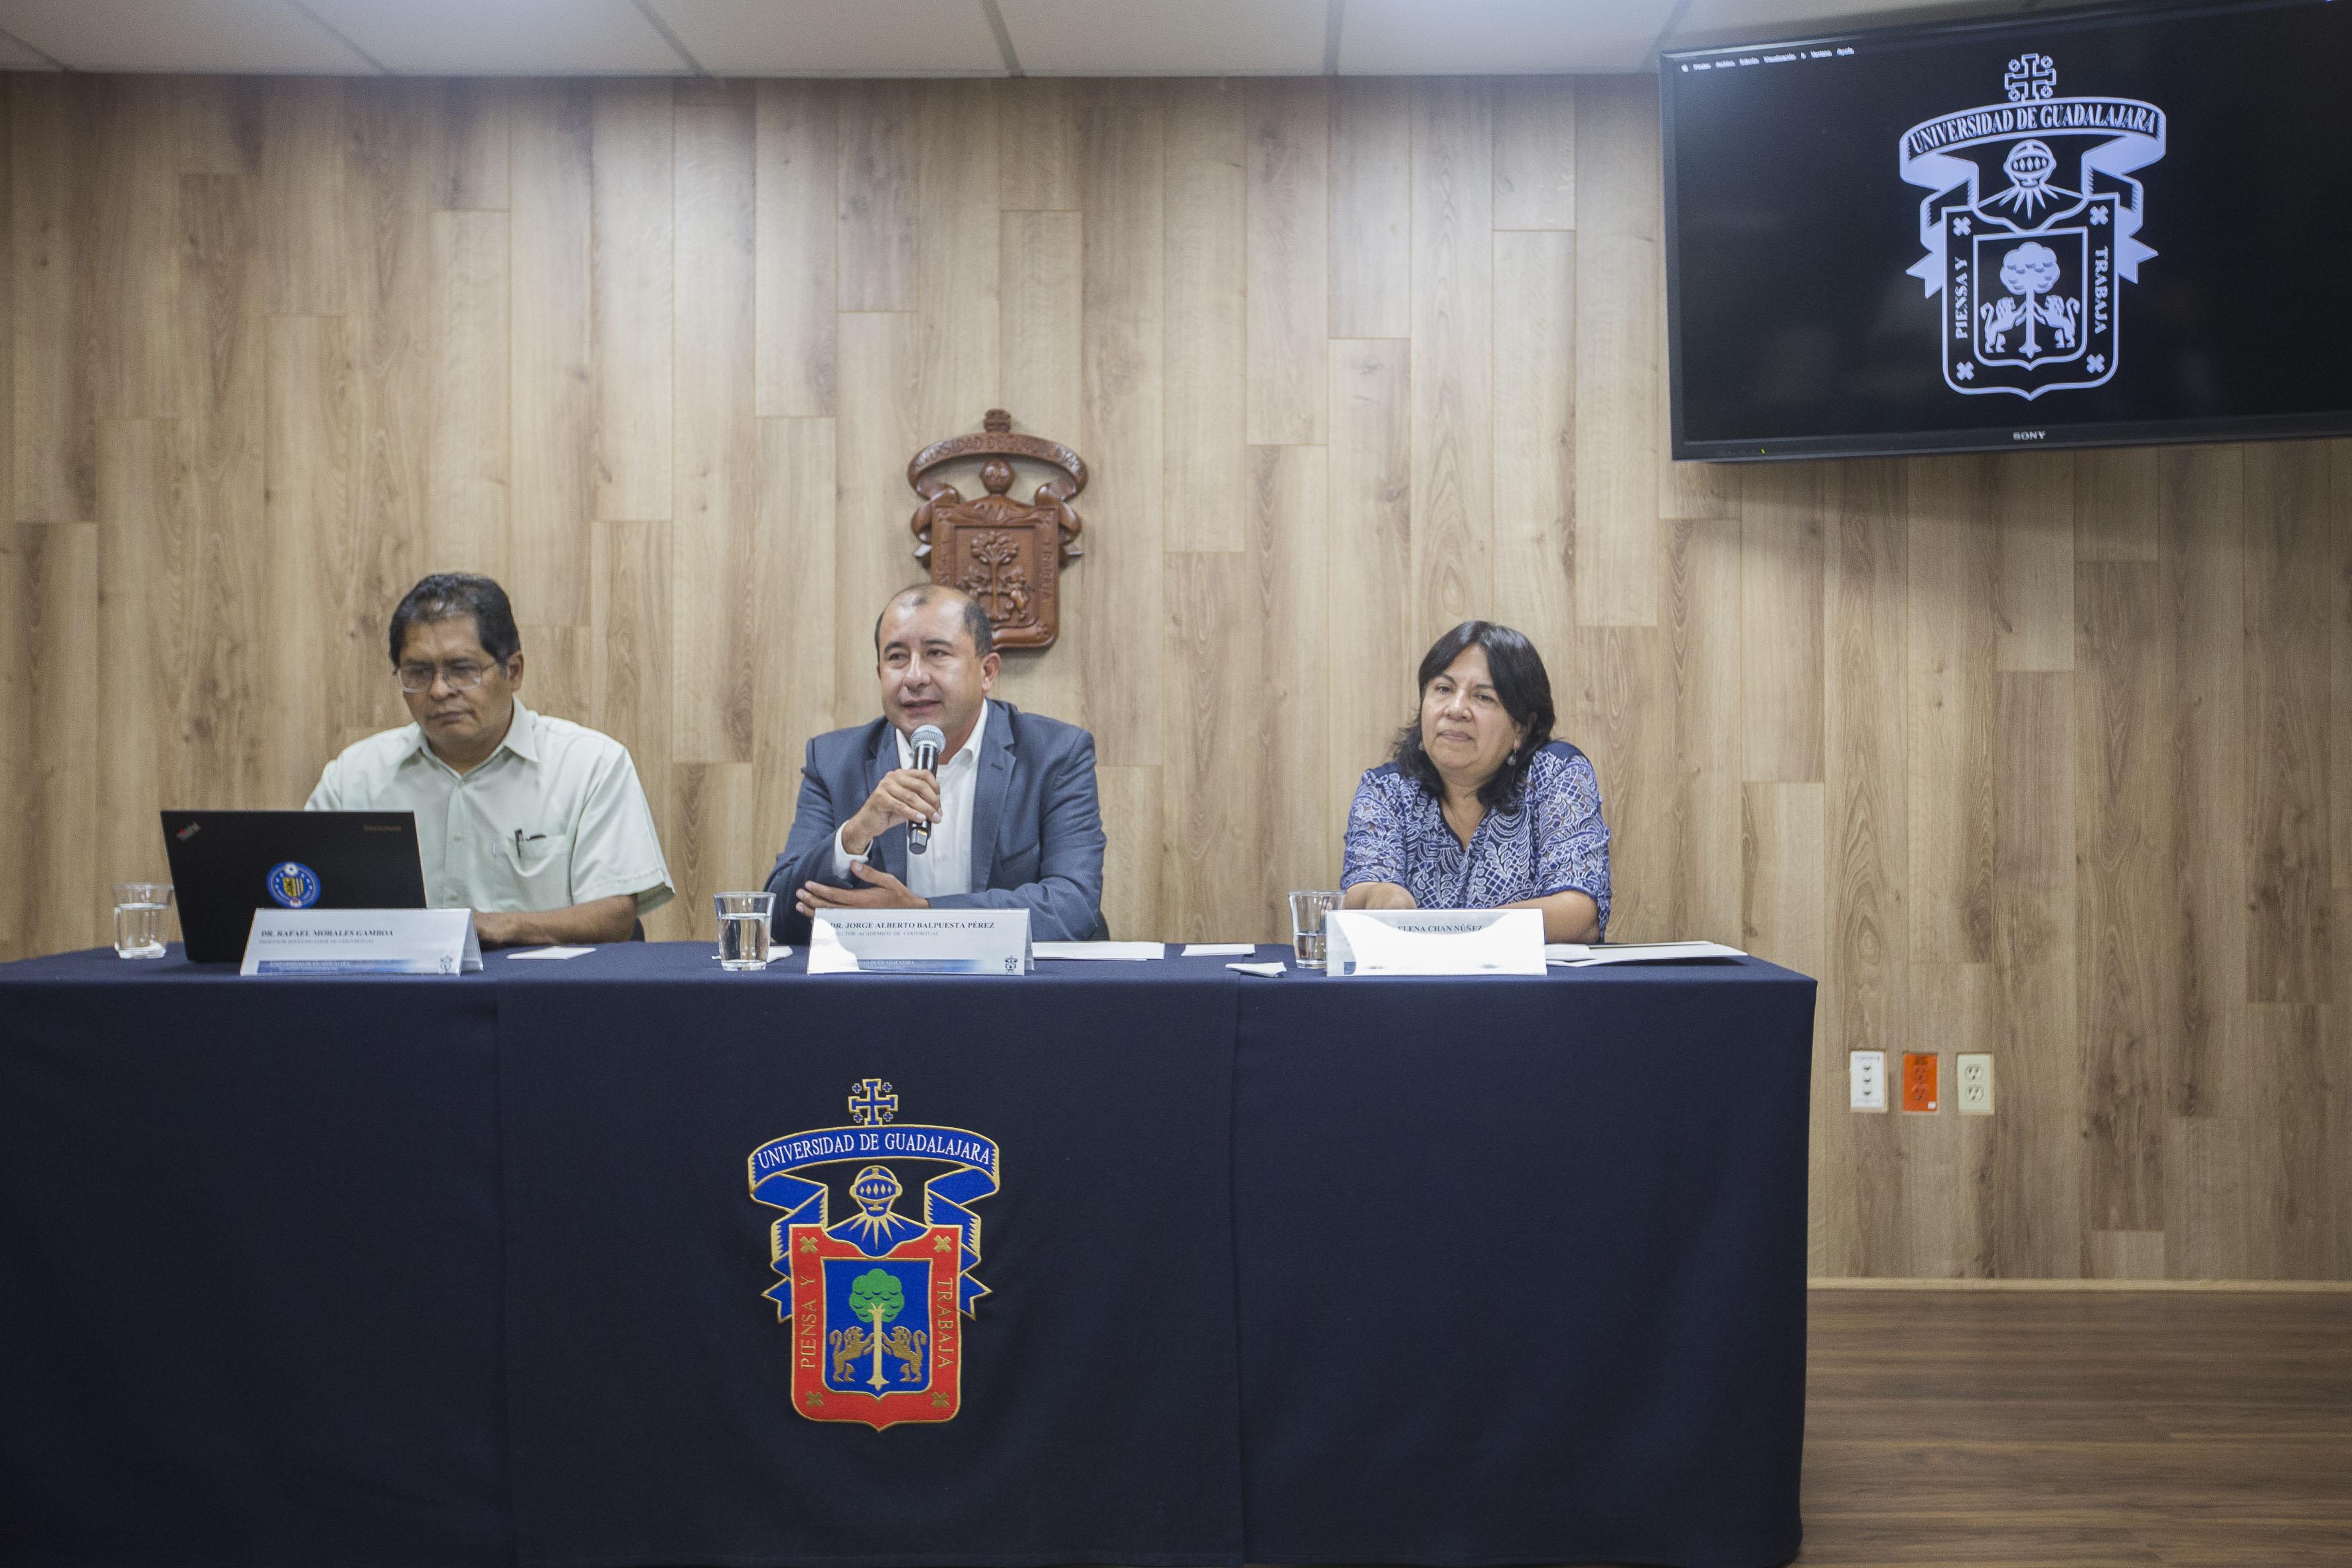 Rueda de prensa convocada por UDGVirtual, para informar detalles del XXV Encuentro Internacional de Educación a Distancia, próximo a efectuarse, en el marco de la Feria Internacional del Libro de Guadalajara (FIL) 2017.